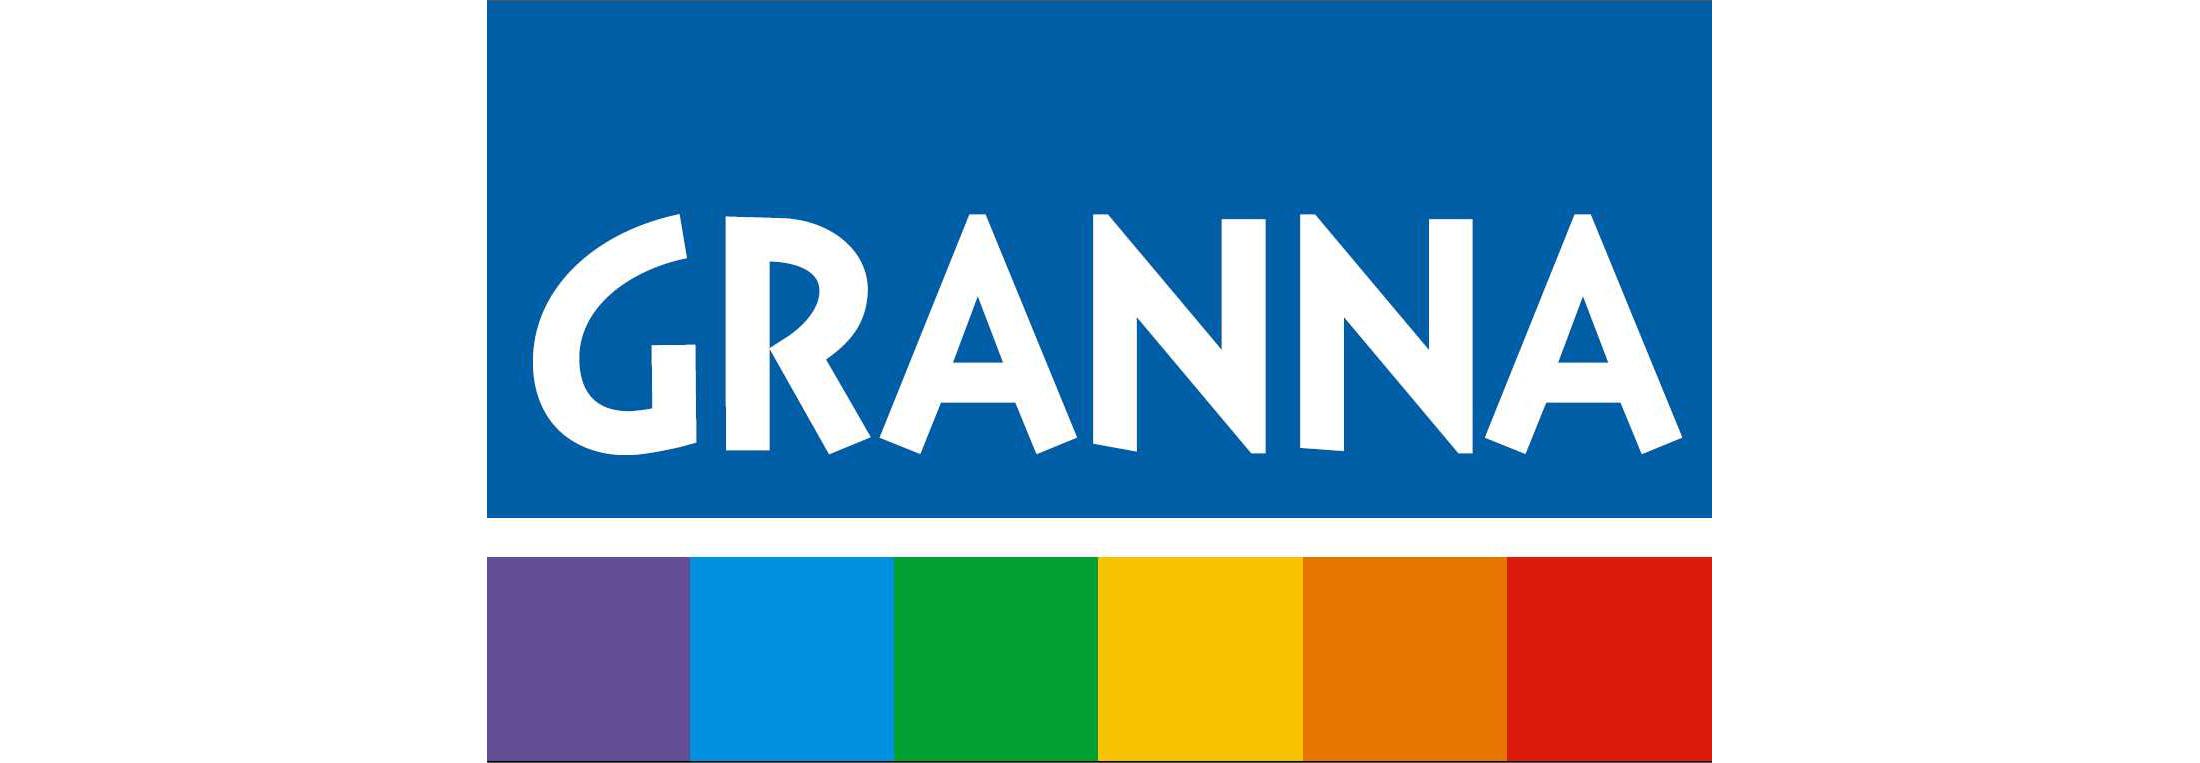 granna logo Recenzja #7 Frogi